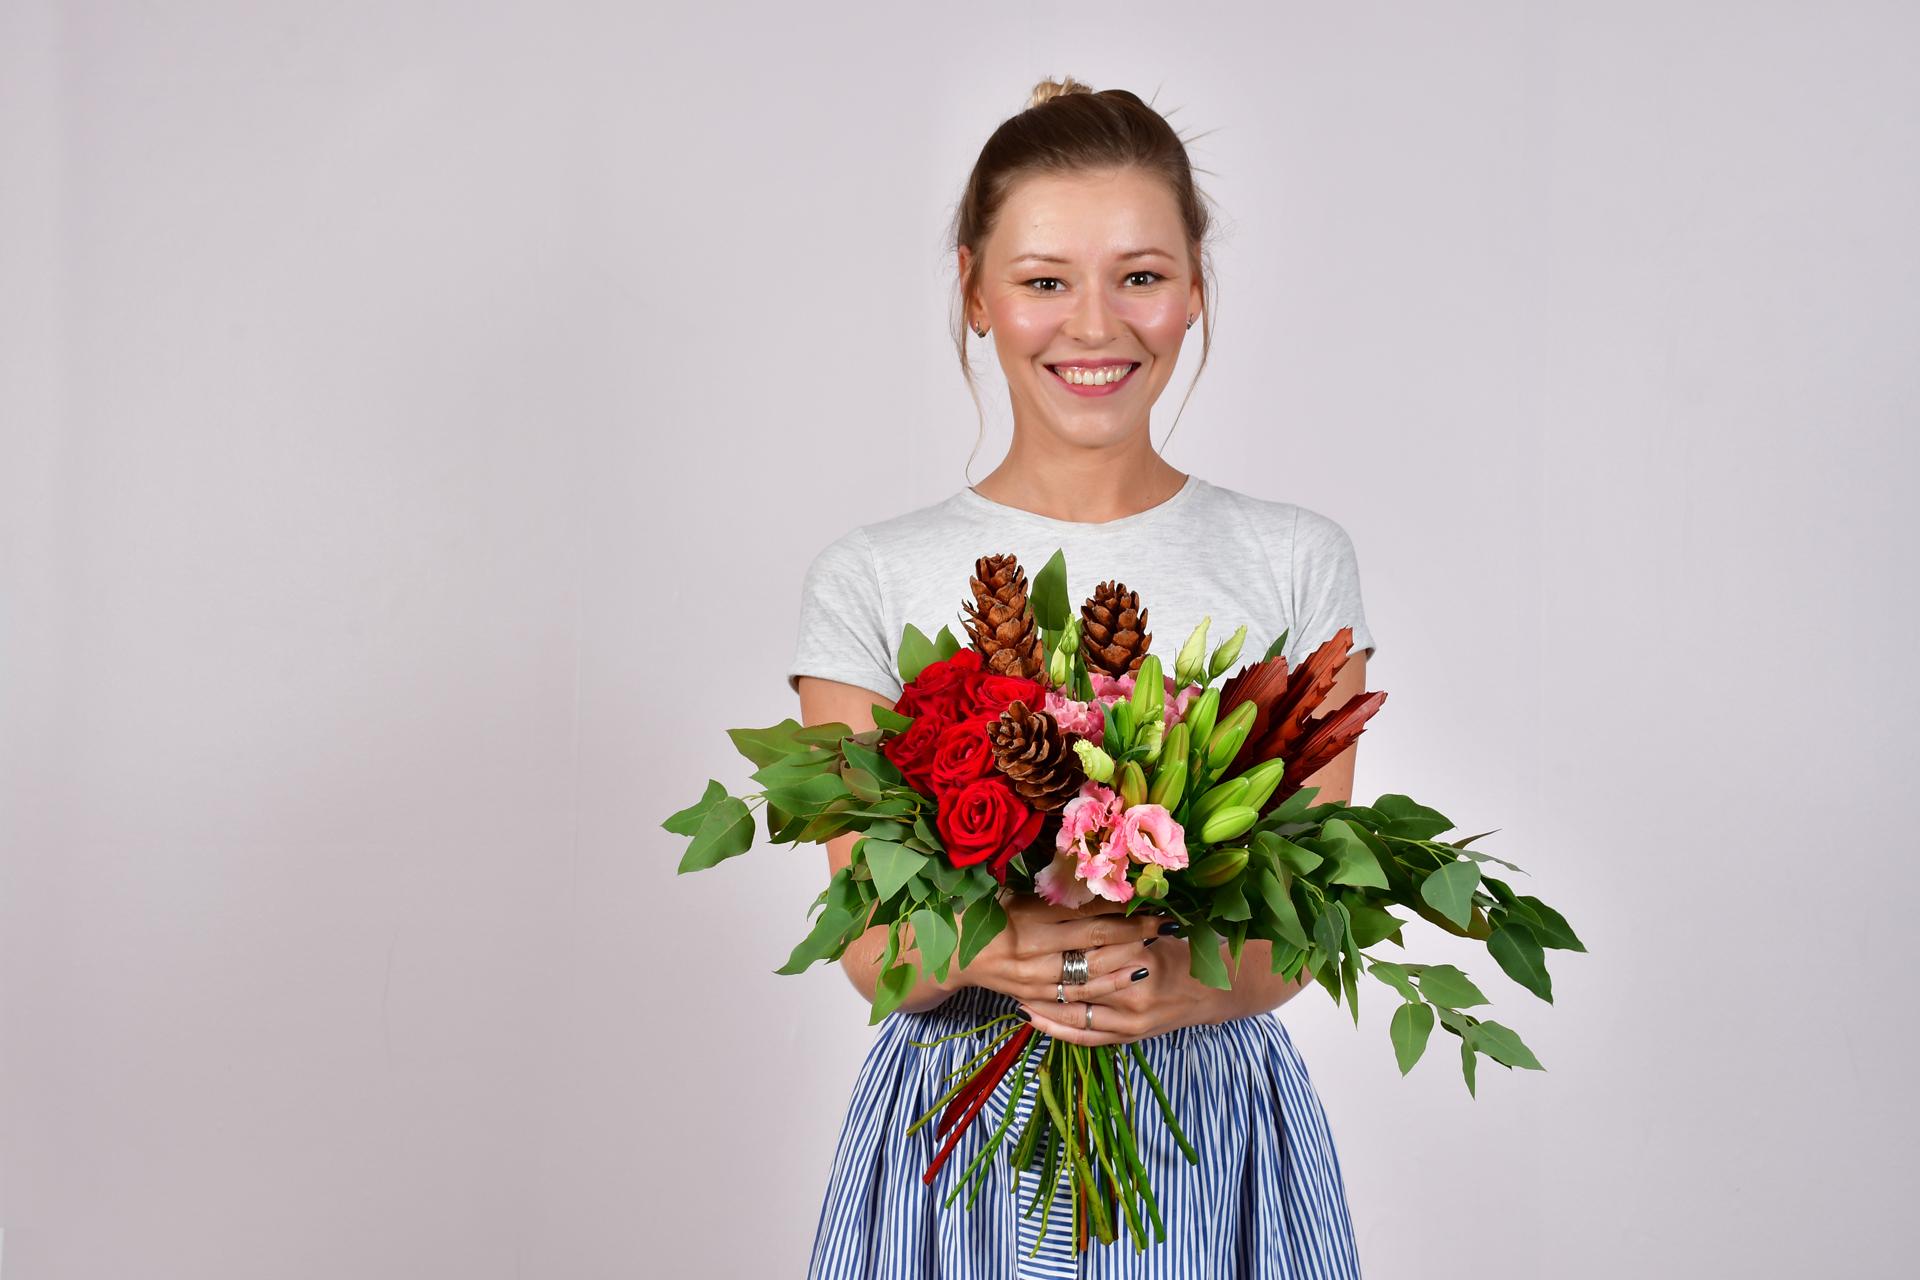 פרחים וחיוכים - פלורוז שילת - ניצן שתרוג - יואל שתרוג - אדמה יוצרת - yoel sitruk